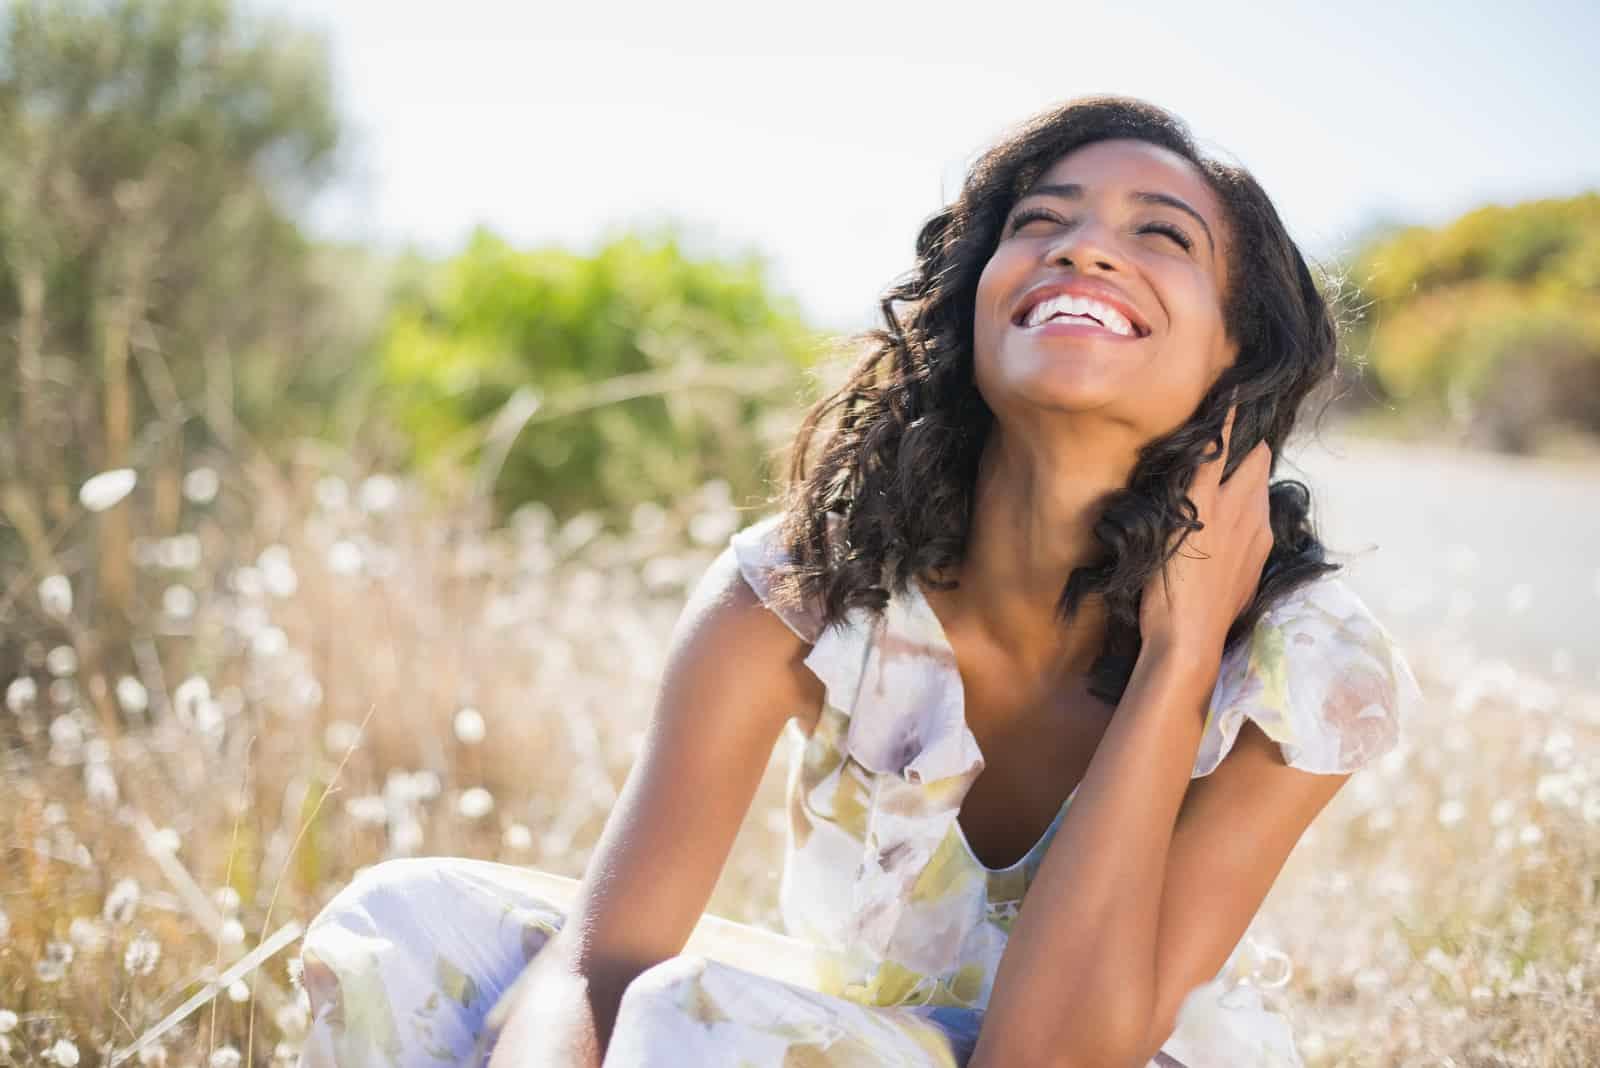 une femme noire souriante est assise dans l'herbe